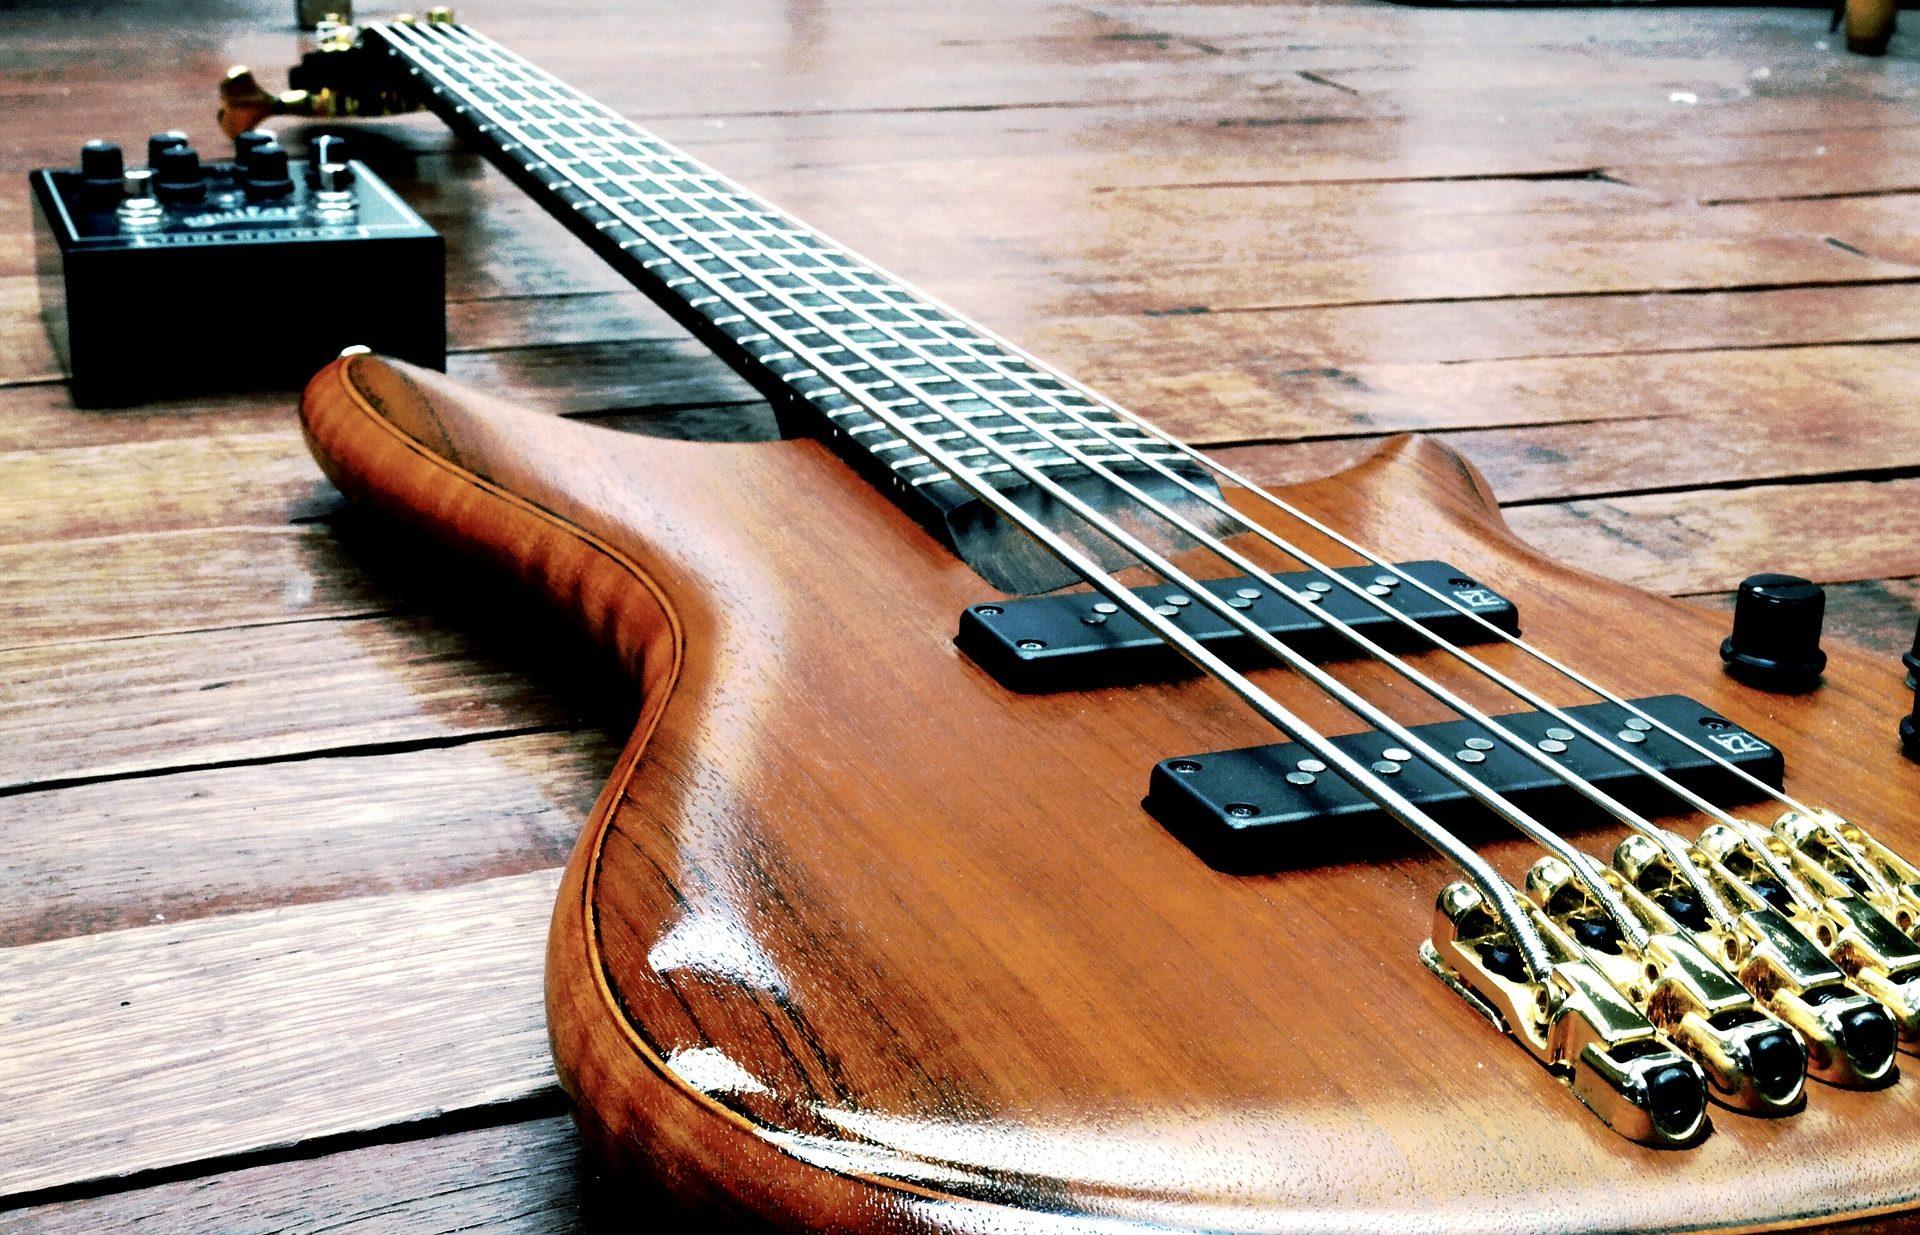 guitarra, electrica, cuerdas, madera, suelo - Fondos de Pantalla HD - professor-falken.com